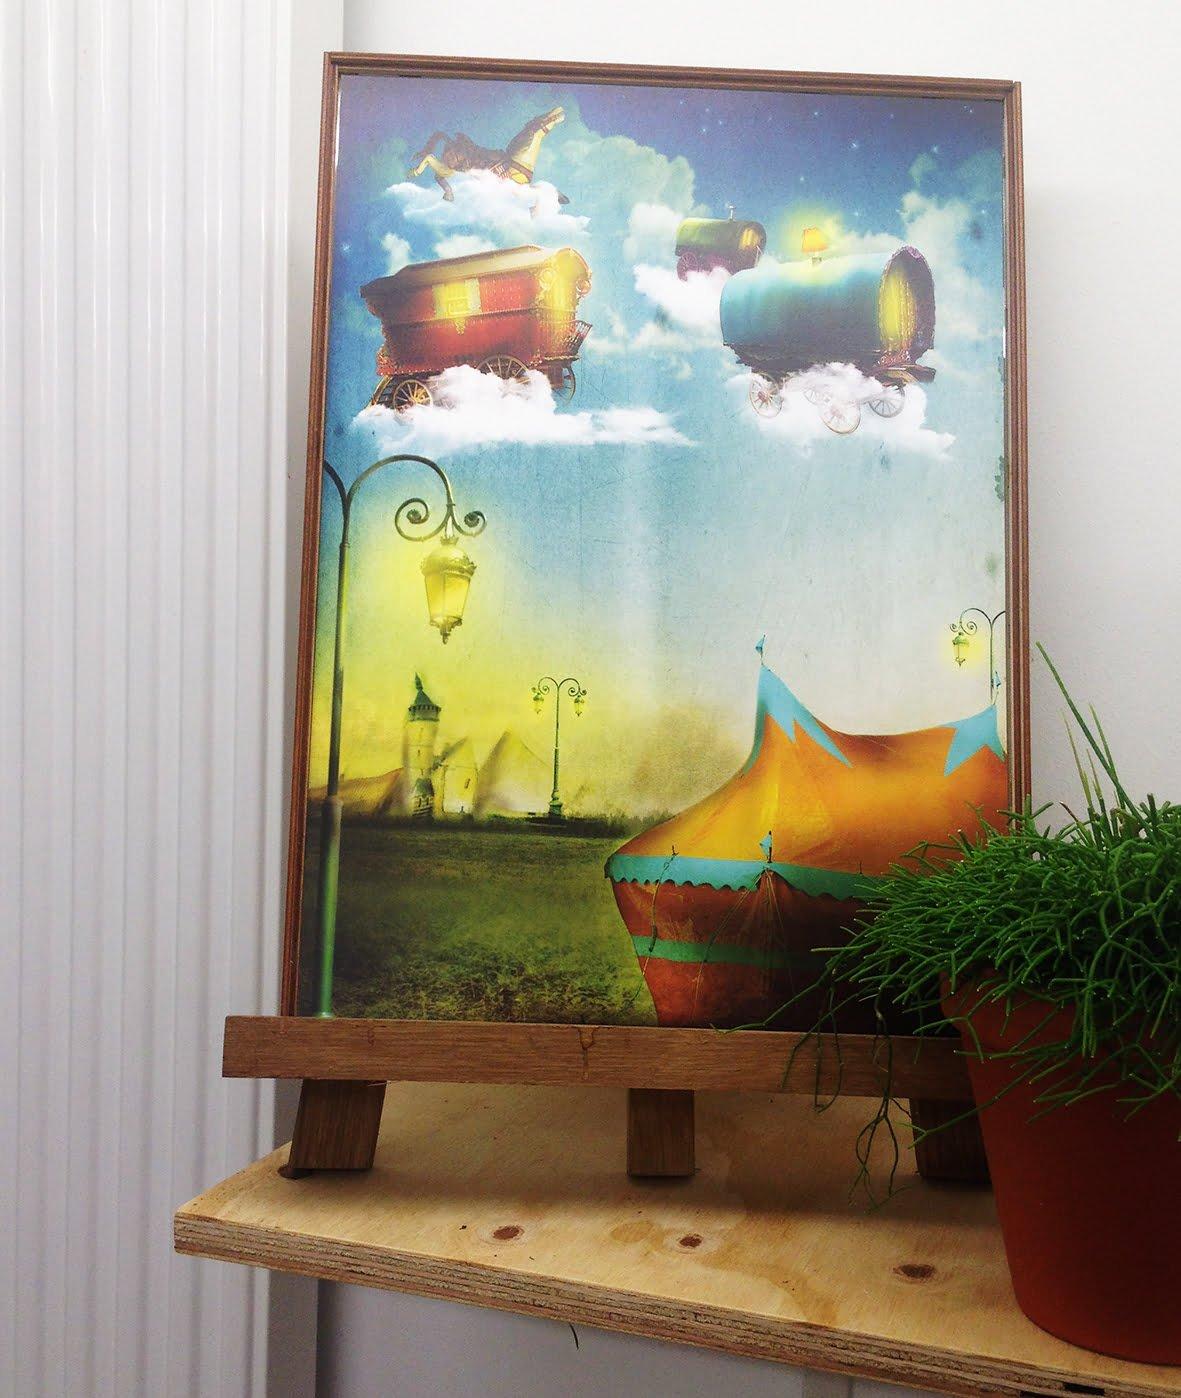 Illustratie Poster Vliegend Cirkus | tekening | sfeervol | sprookje